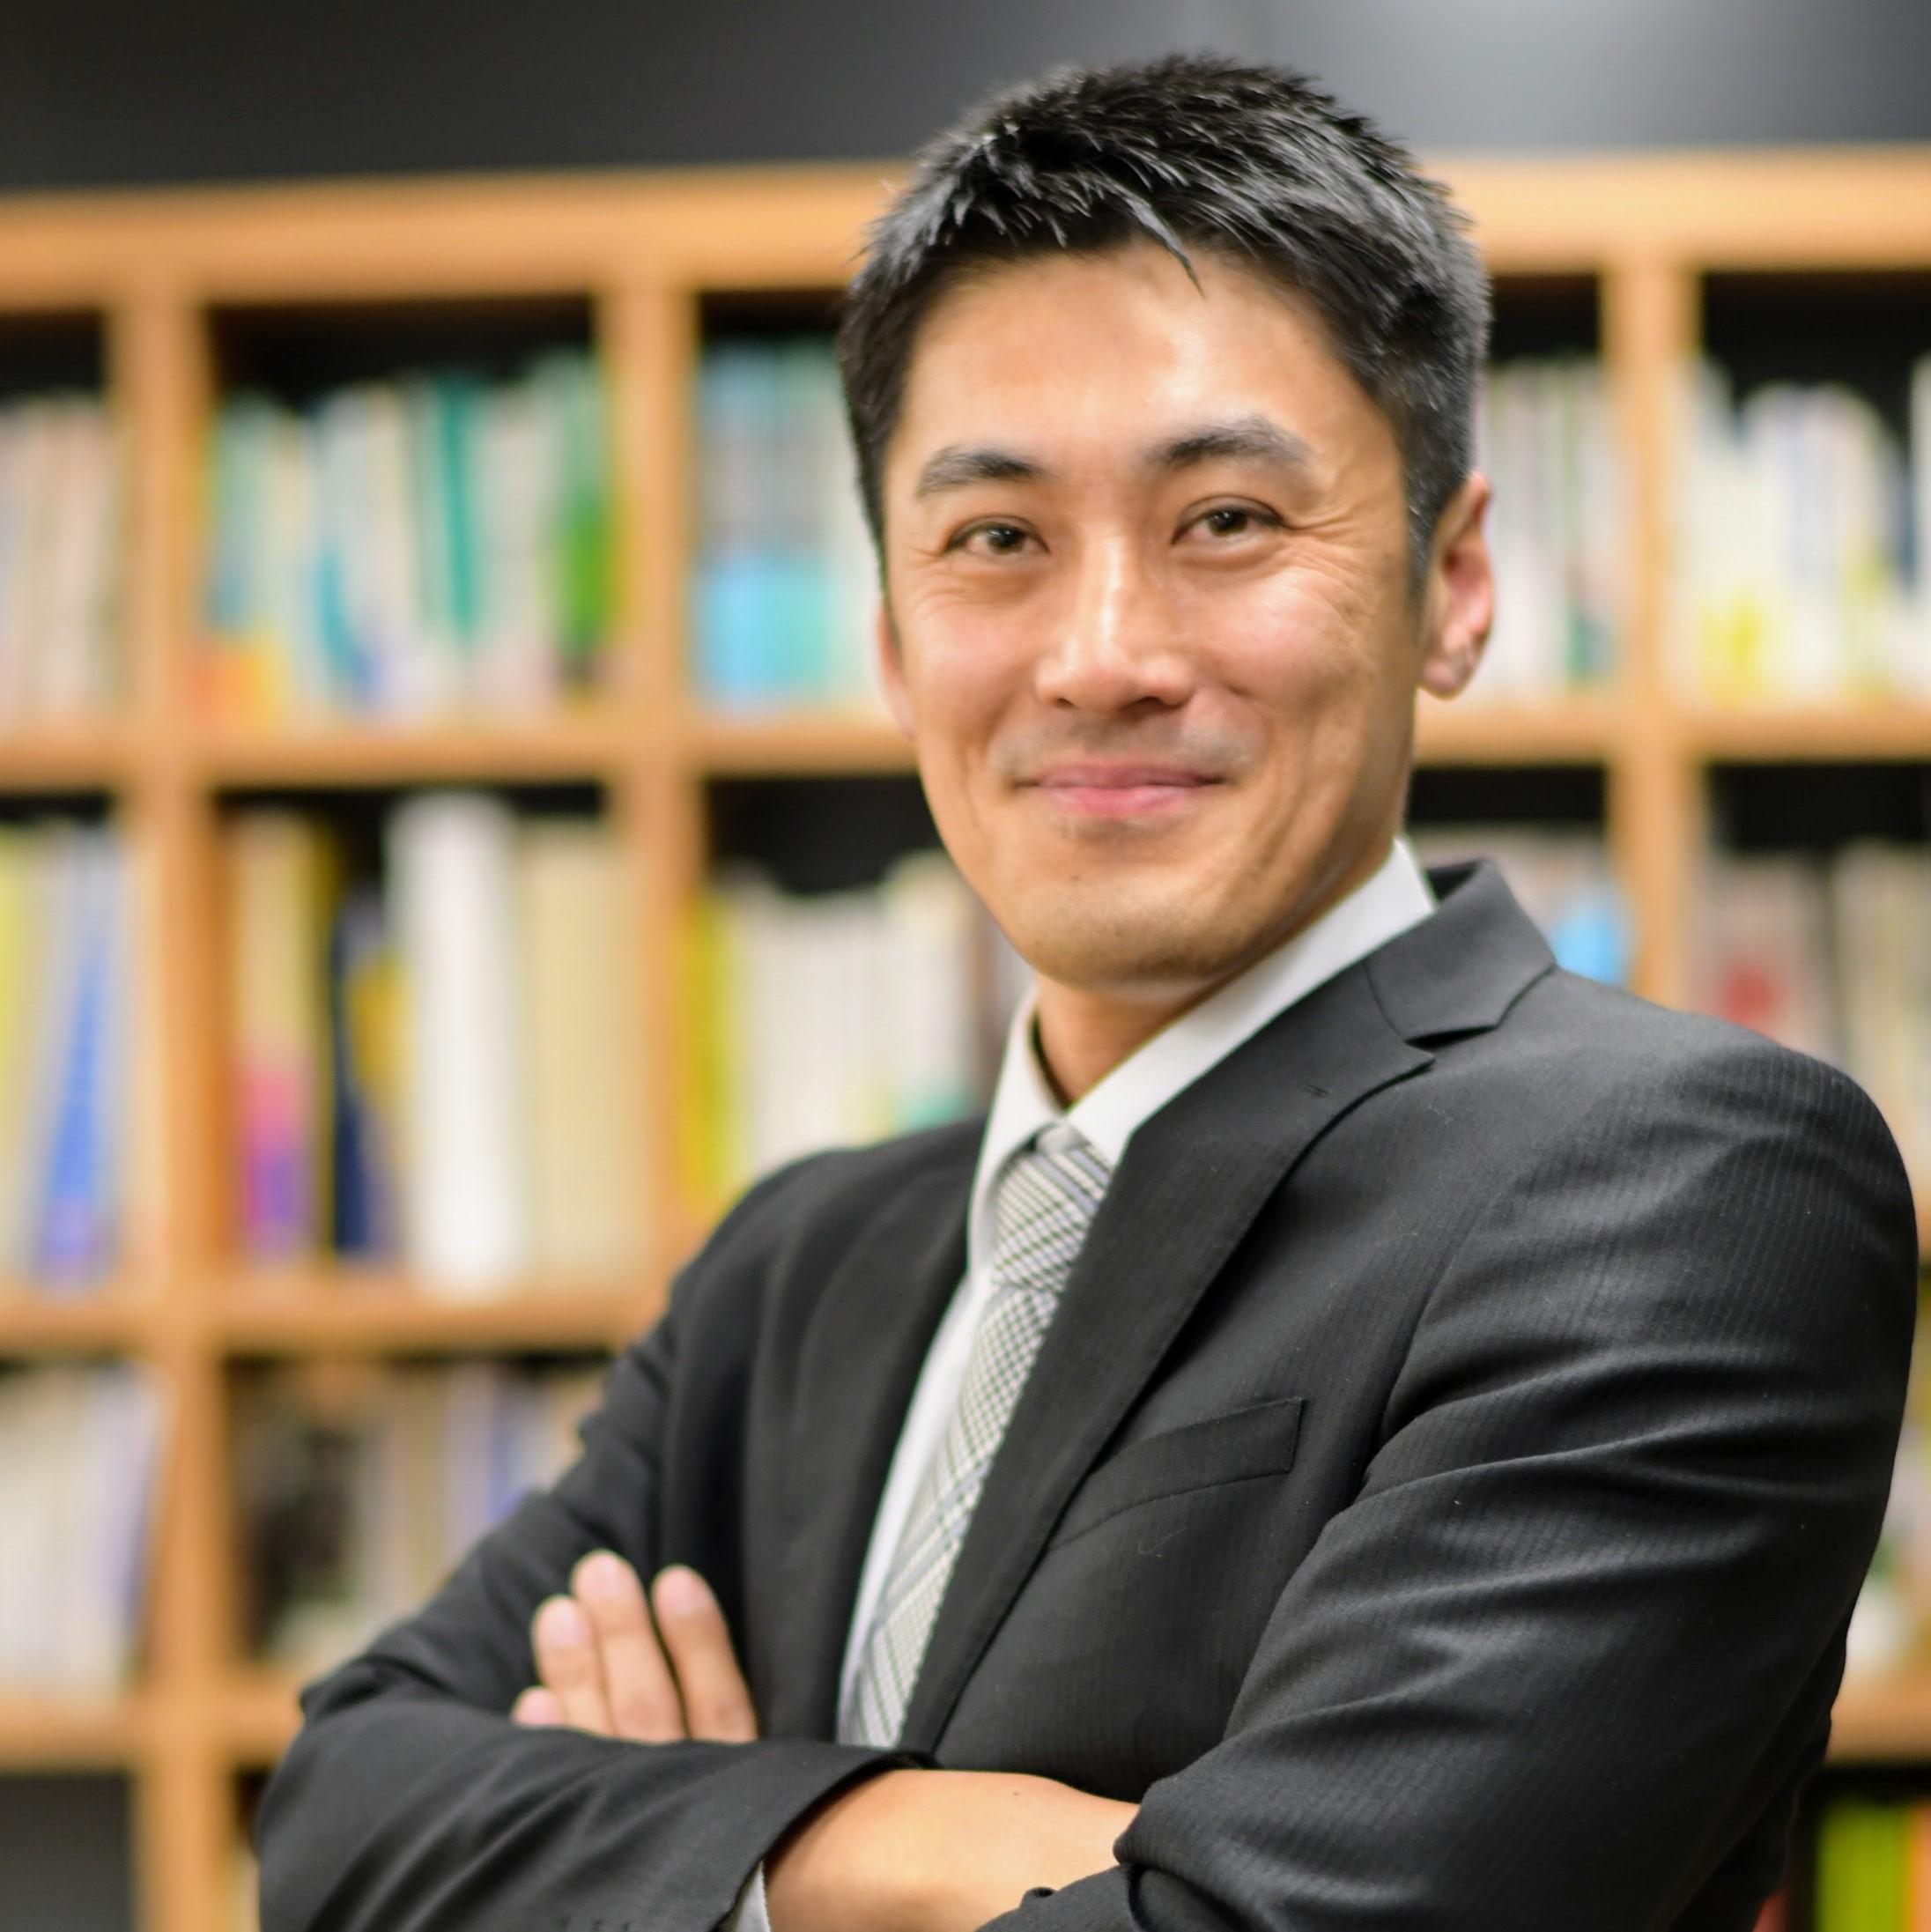 Hiroshi Ochiai